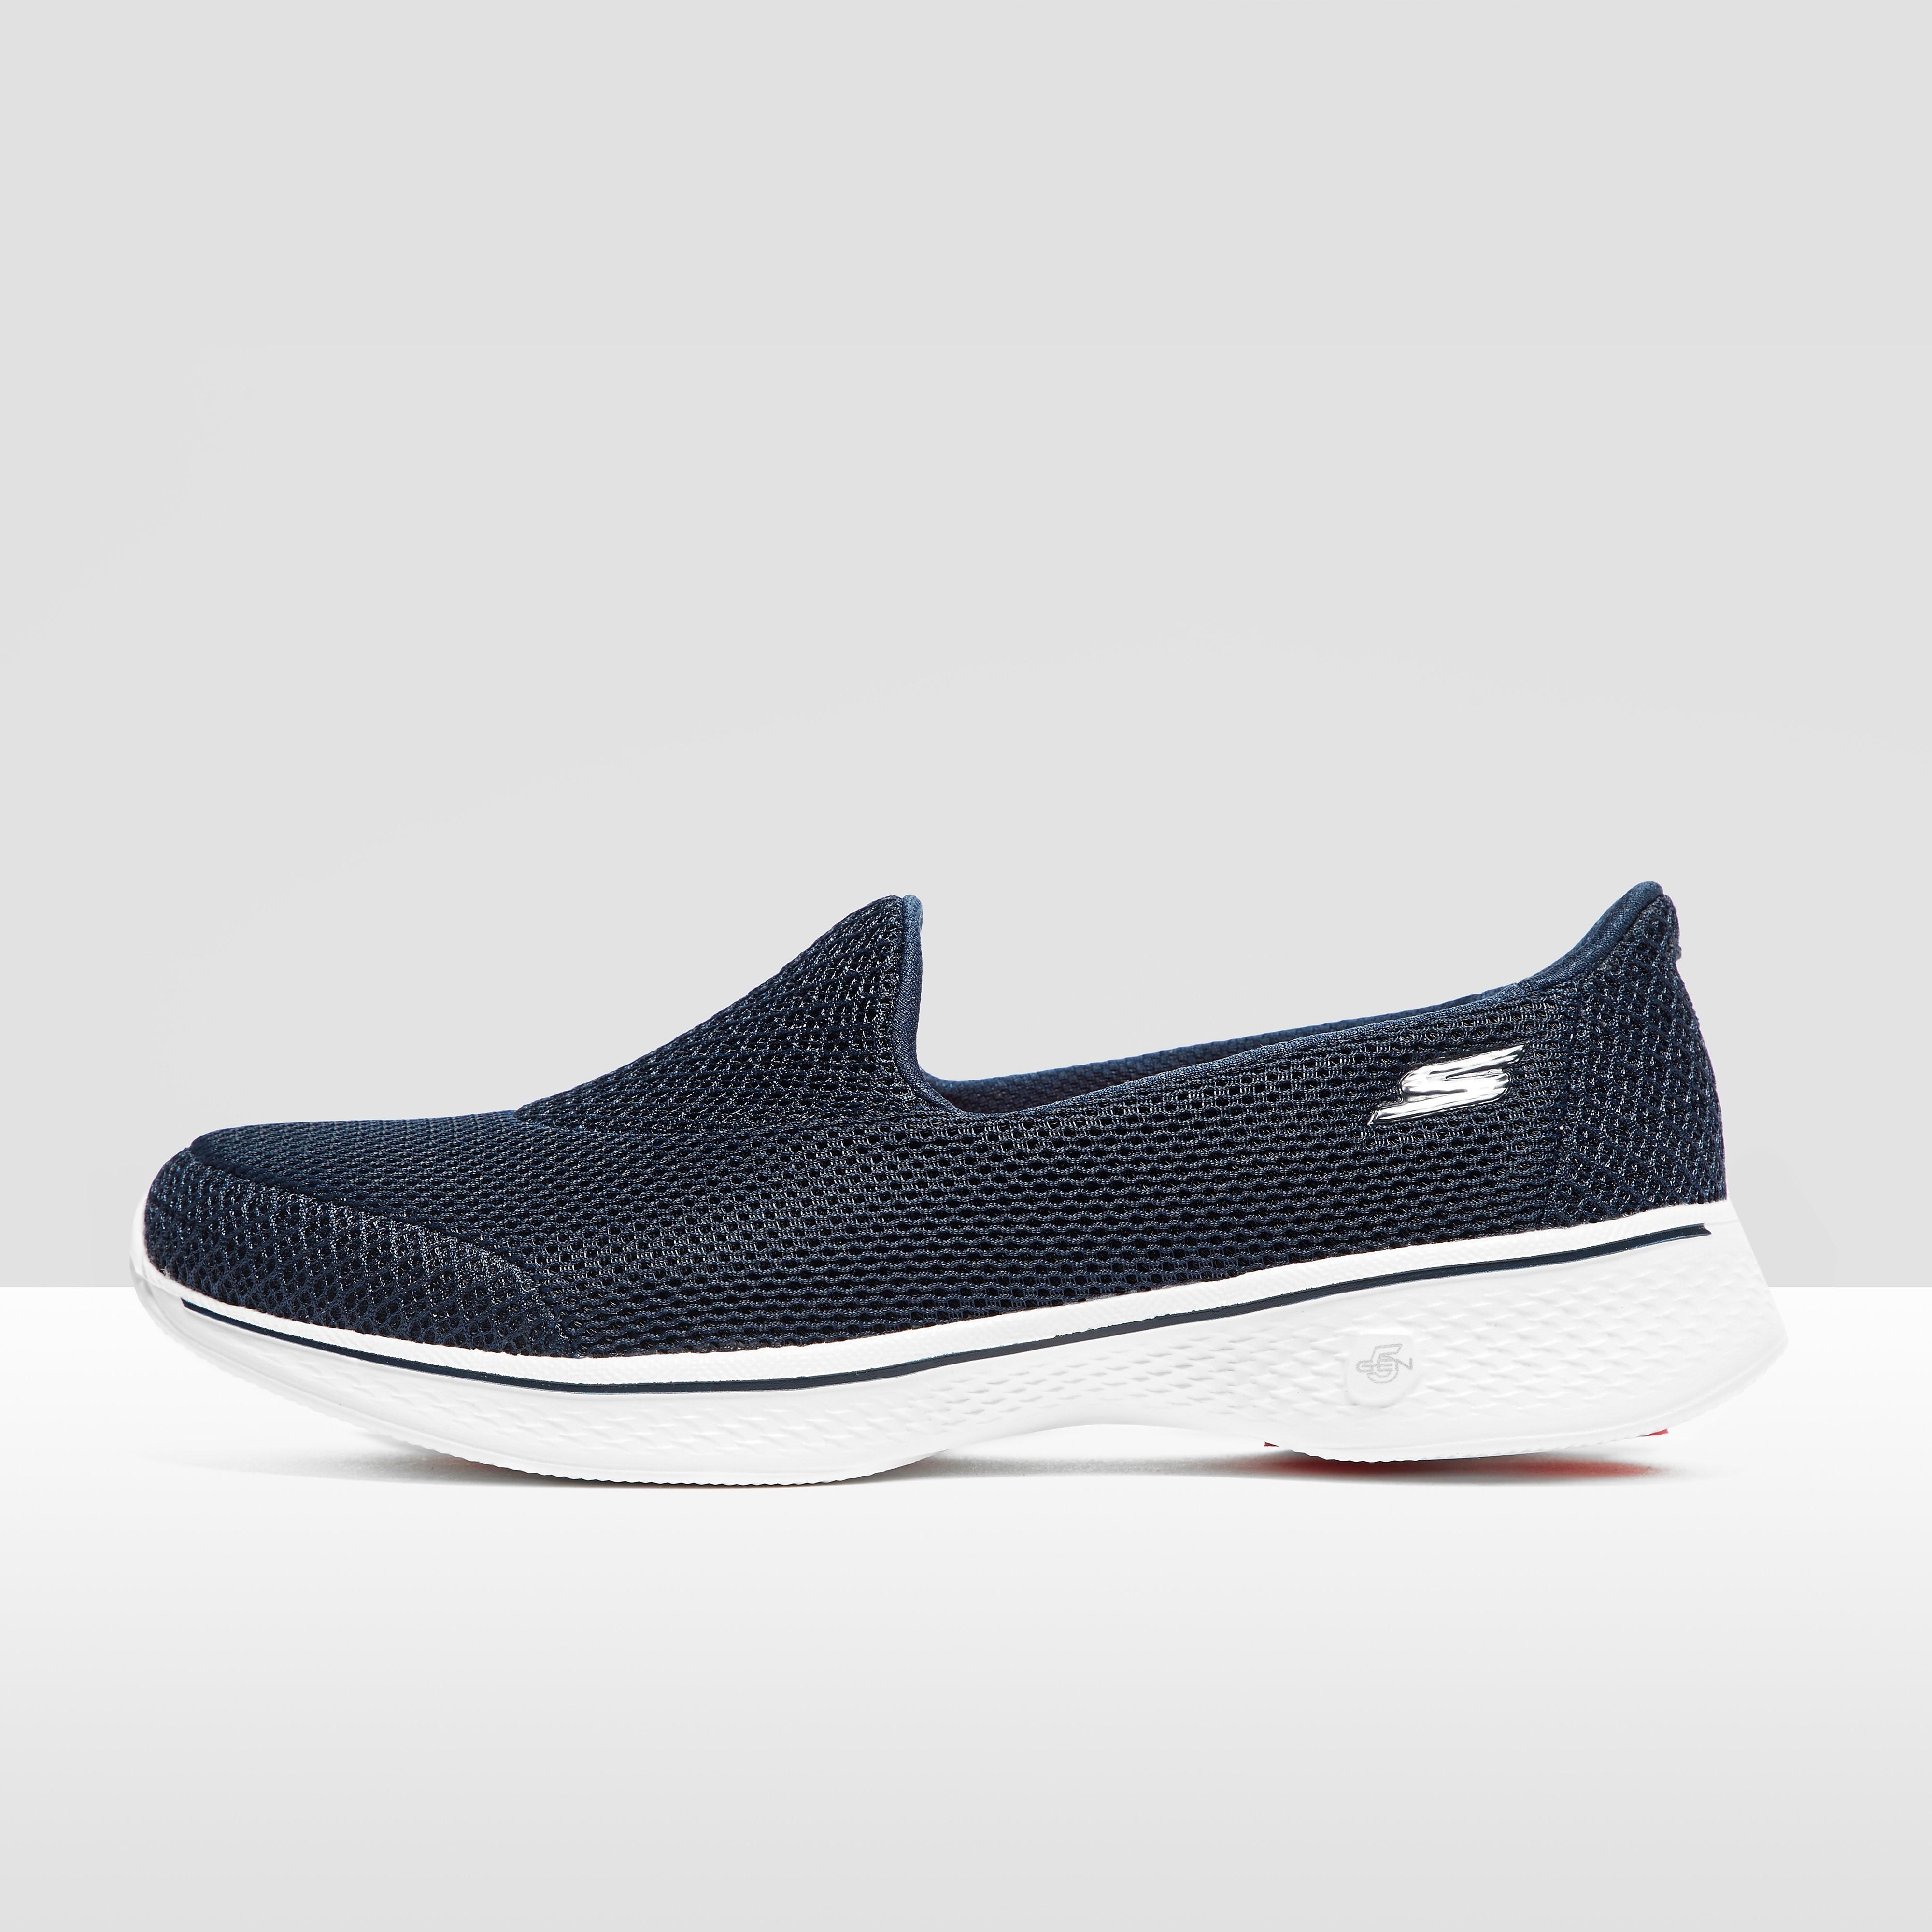 Skechers GOwalk 4- Propel Women's Casual Shoes